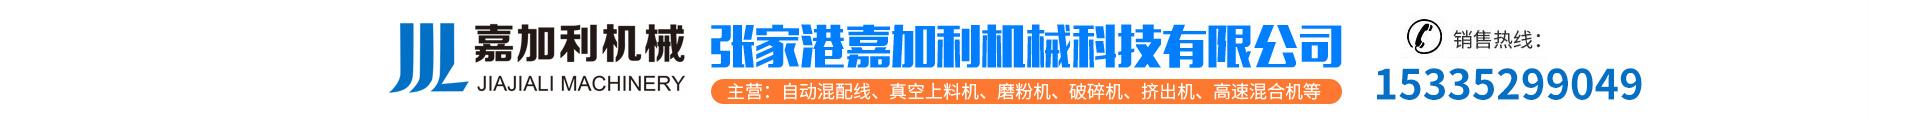 張家港嘉加利機械科技有限公司